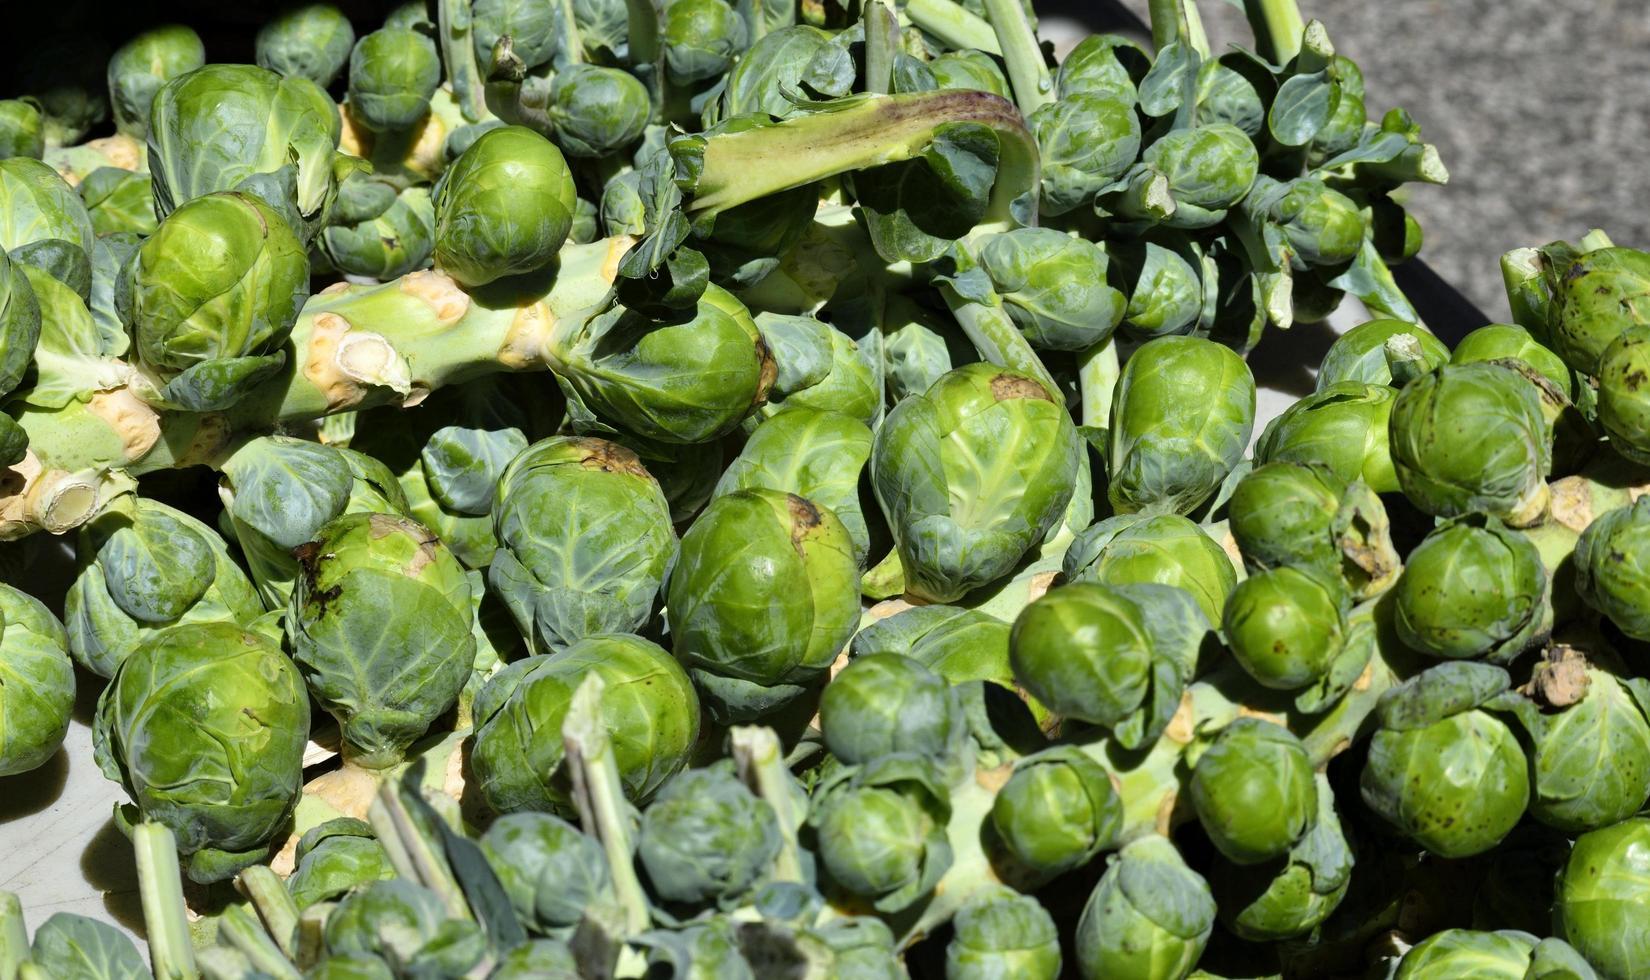 Rosenkohl auf dem Markt foto